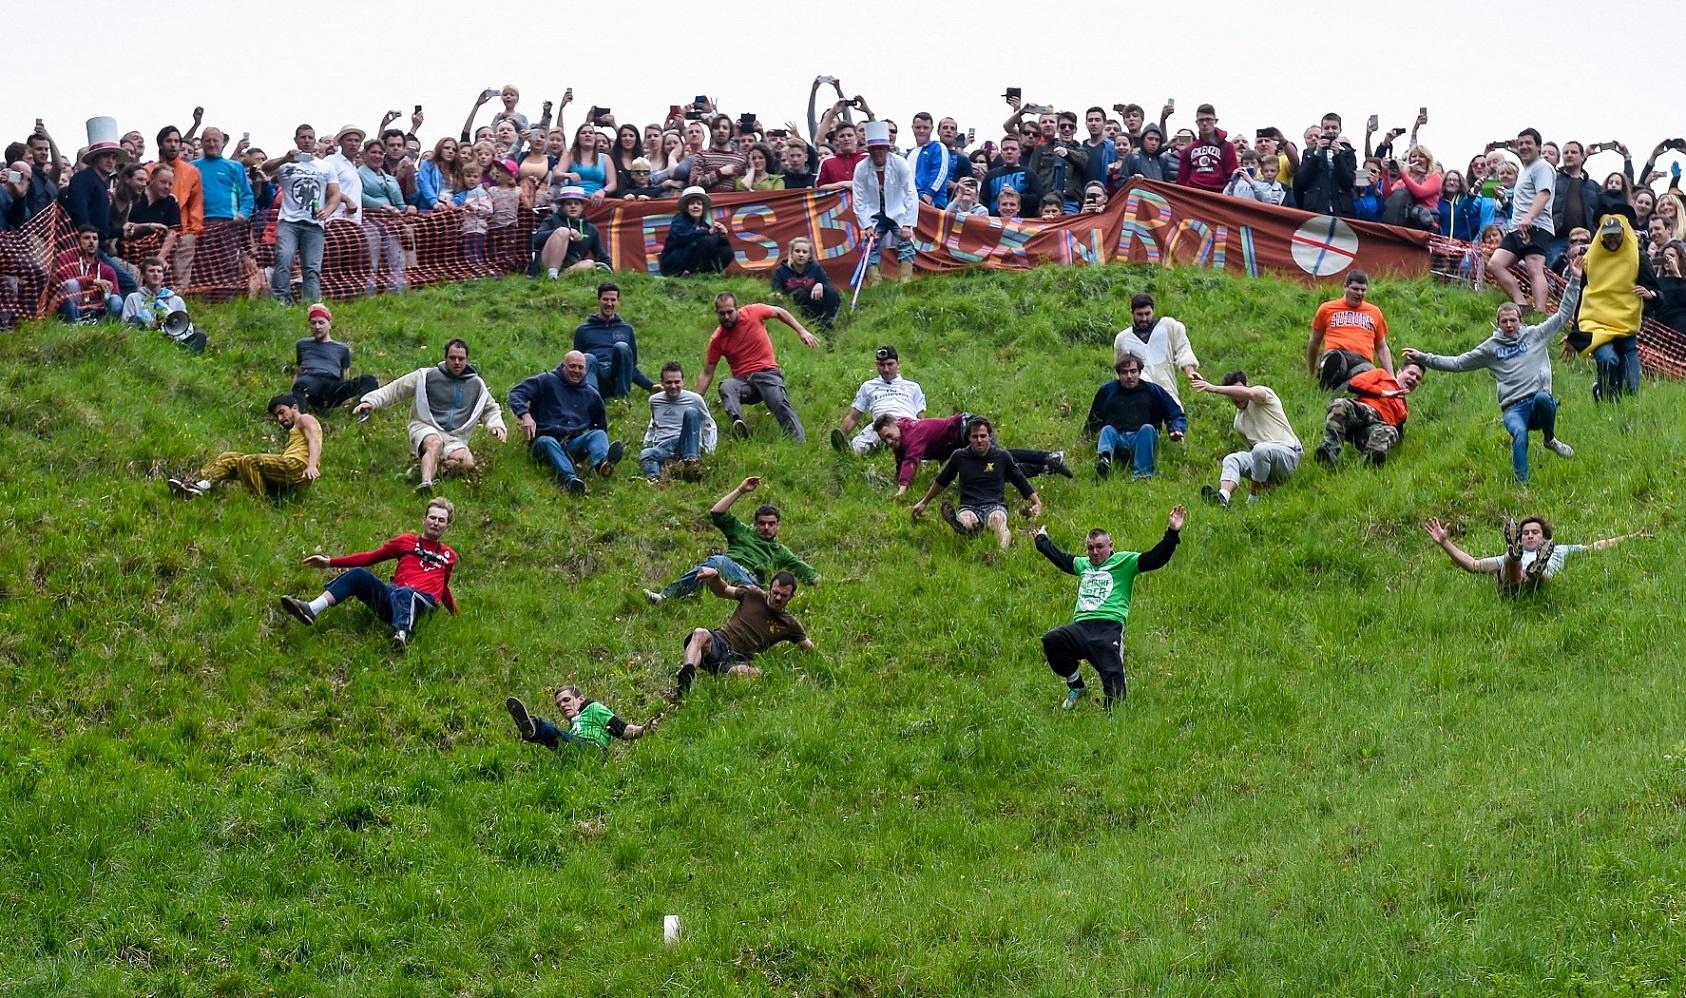 Santuarios del deporte. Cooper's Hill: el escenario del Festival ...